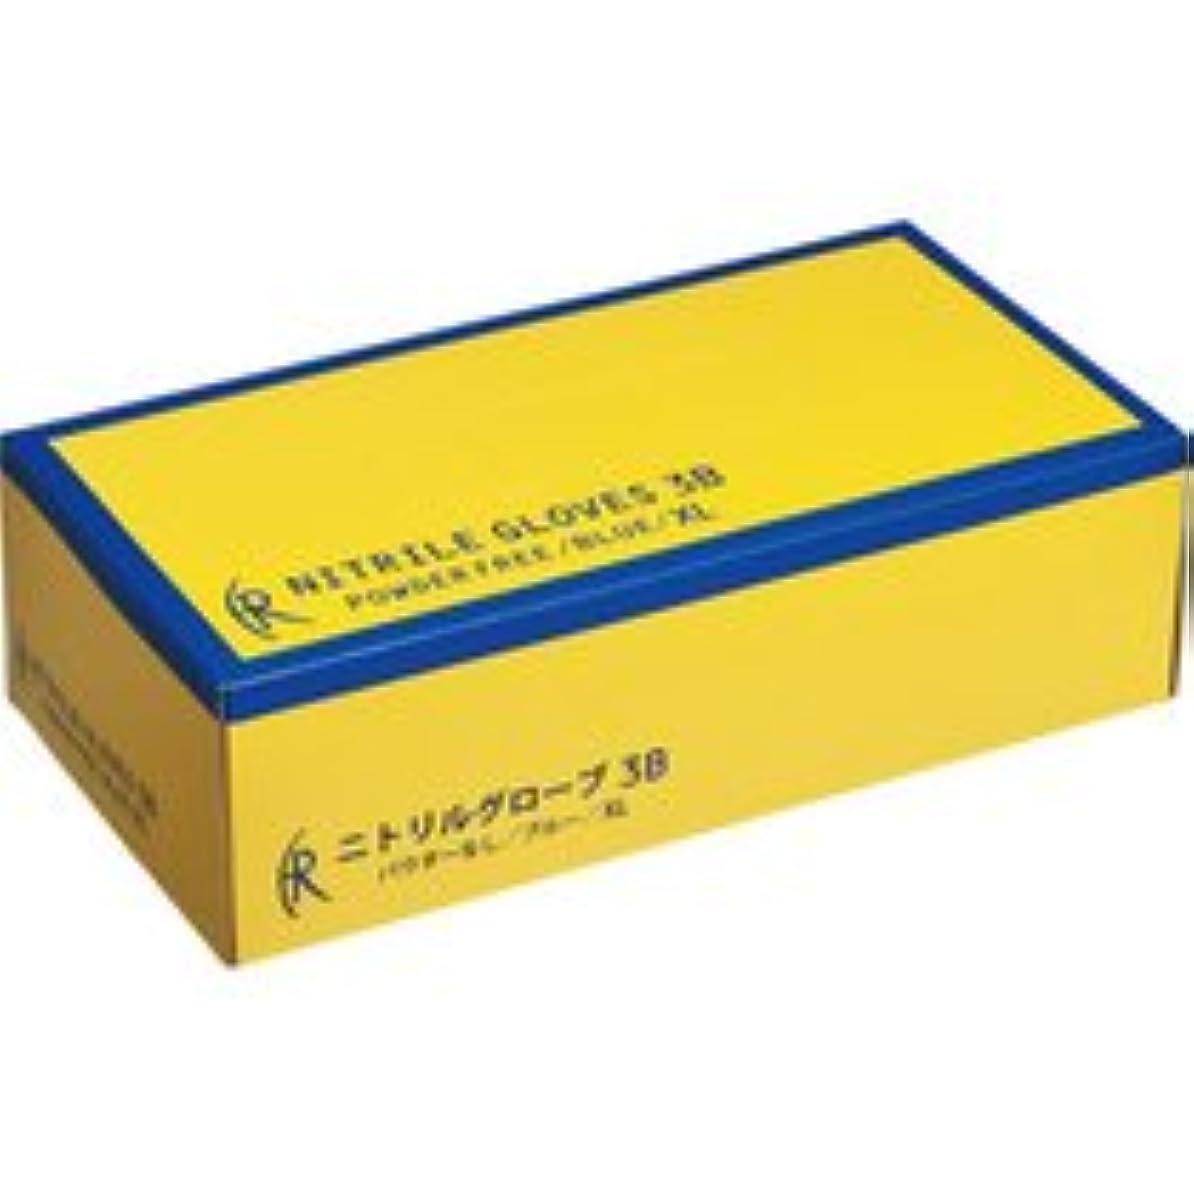 のホスト僕の鳴らすファーストレイト ニトリルグローブ3B パウダーフリー XL FR-5664 1セット(2000枚:200枚×10箱)